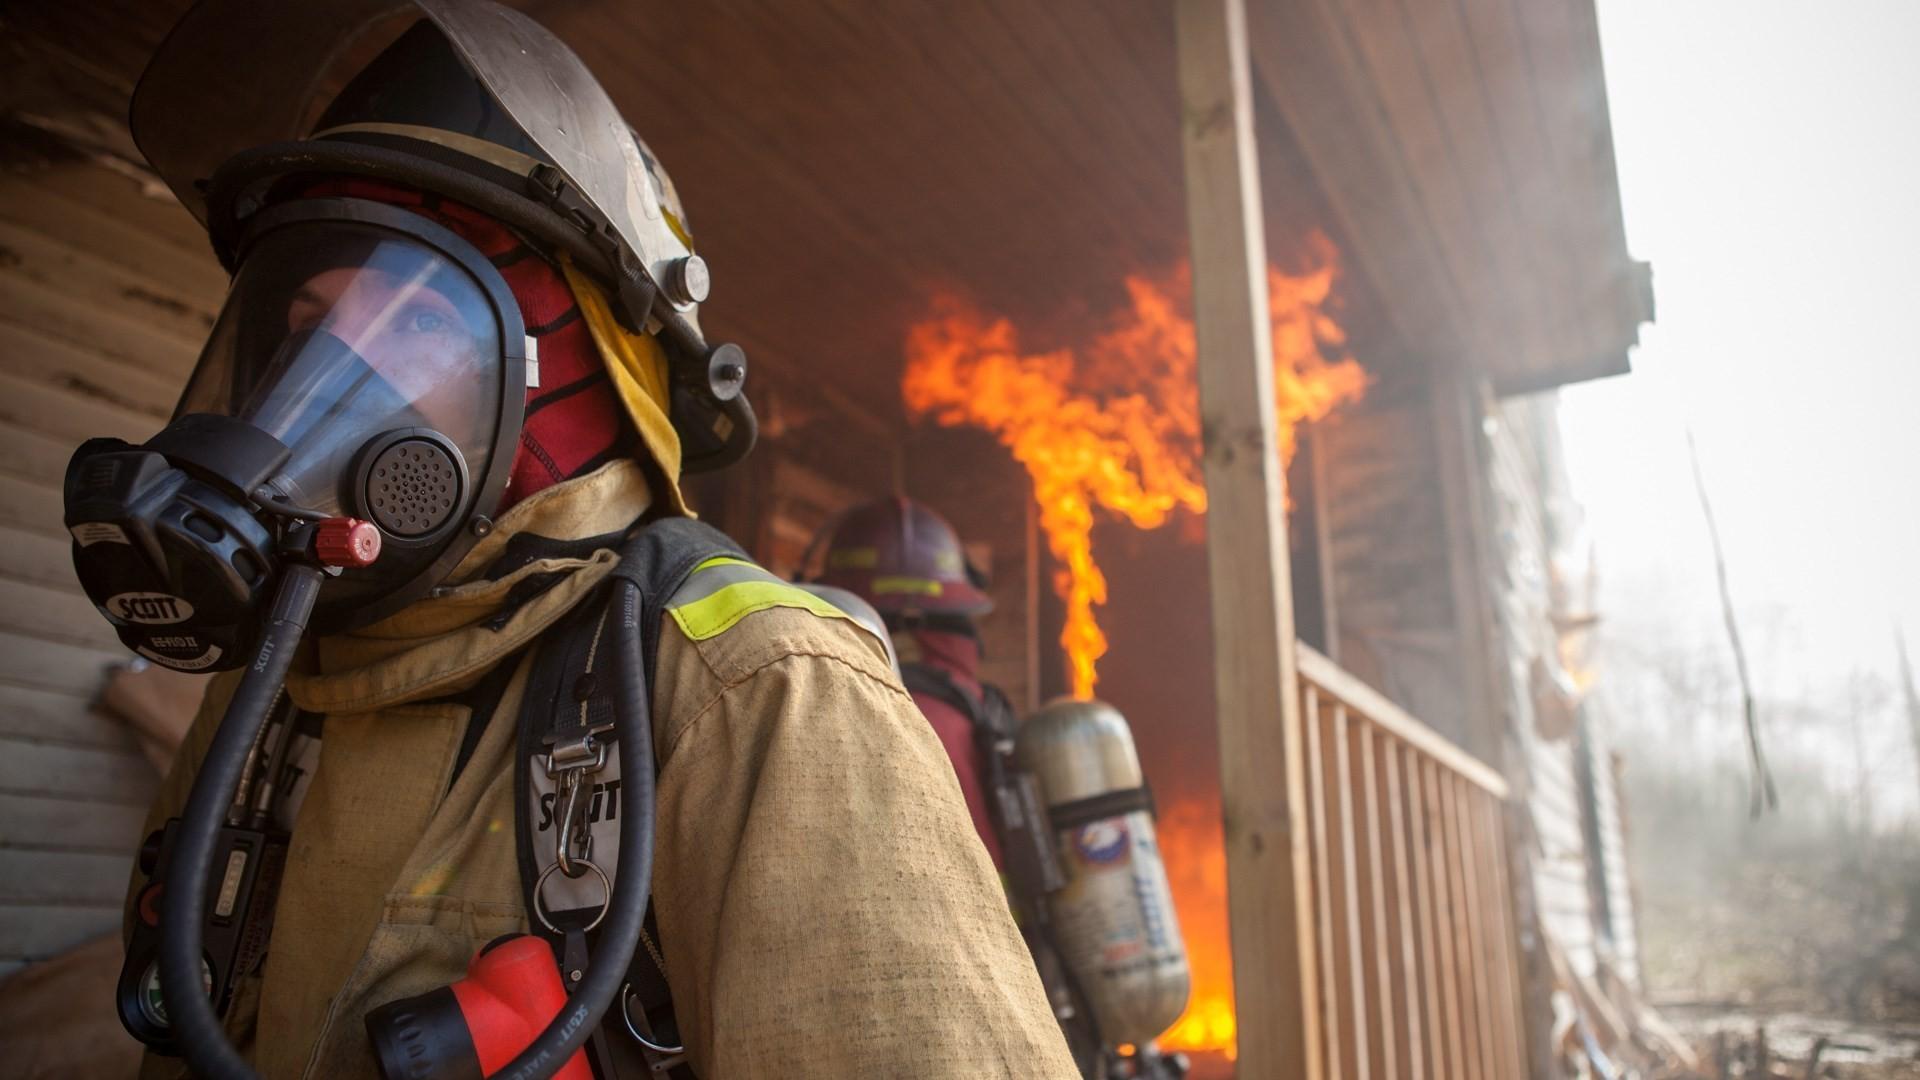 Res: 1920x1080, firefighter-wallpaper--WTG30410870